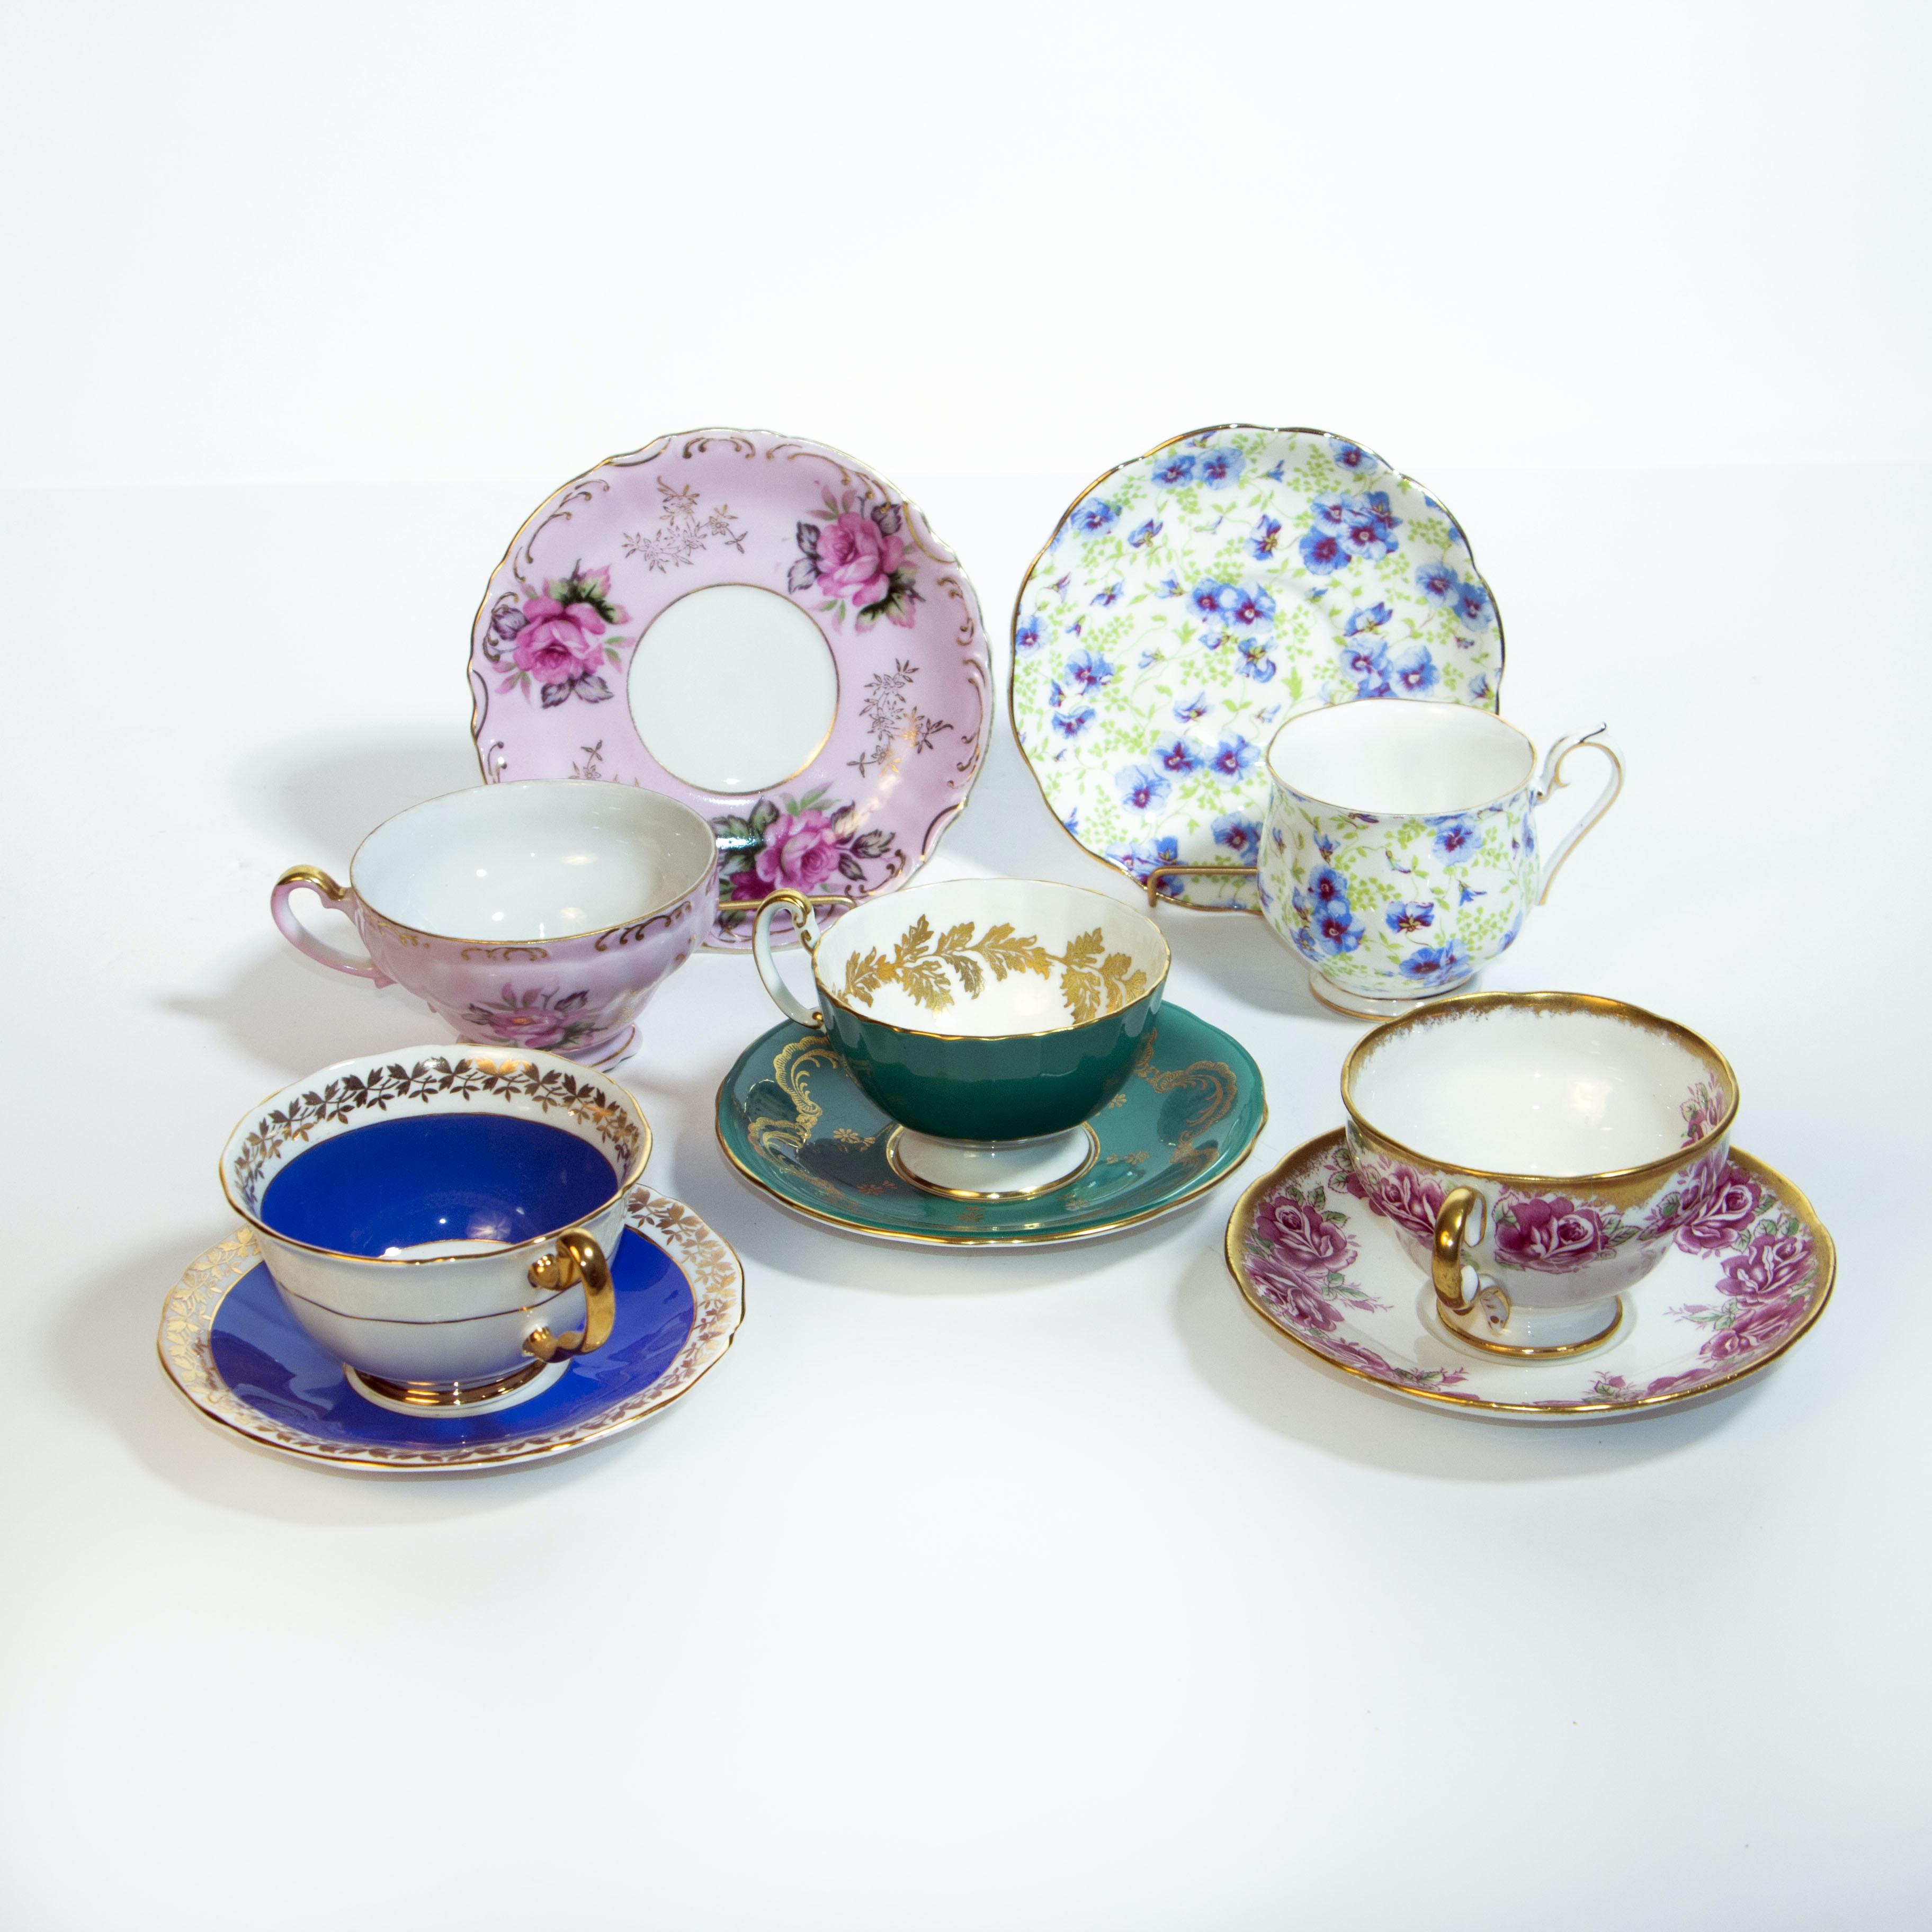 Porcelain Teacups and Saucers Including Adderley